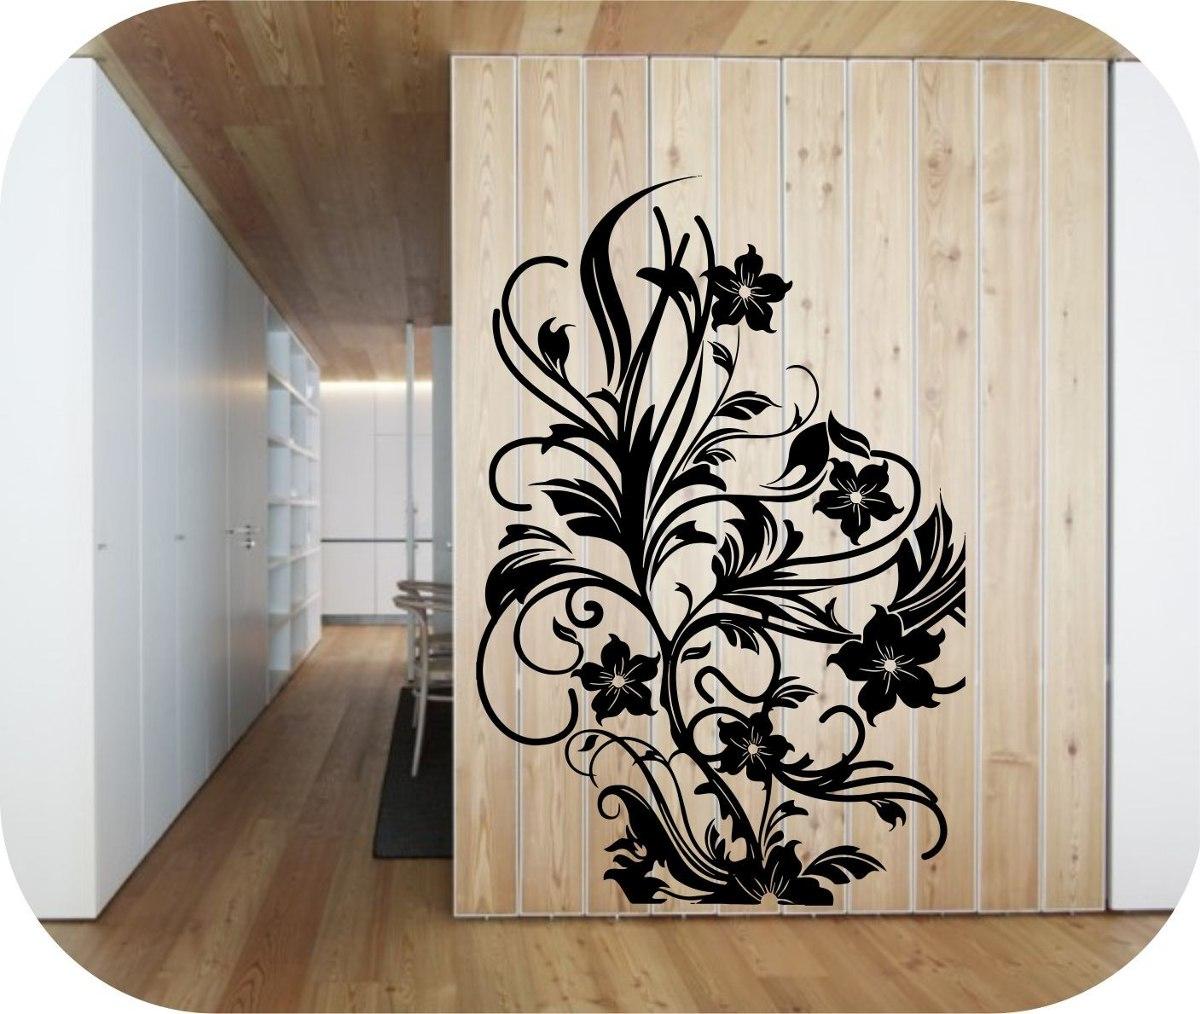 Vinilosdecorativos arboles y flores decoracion de paredes for Decoracion de paredes